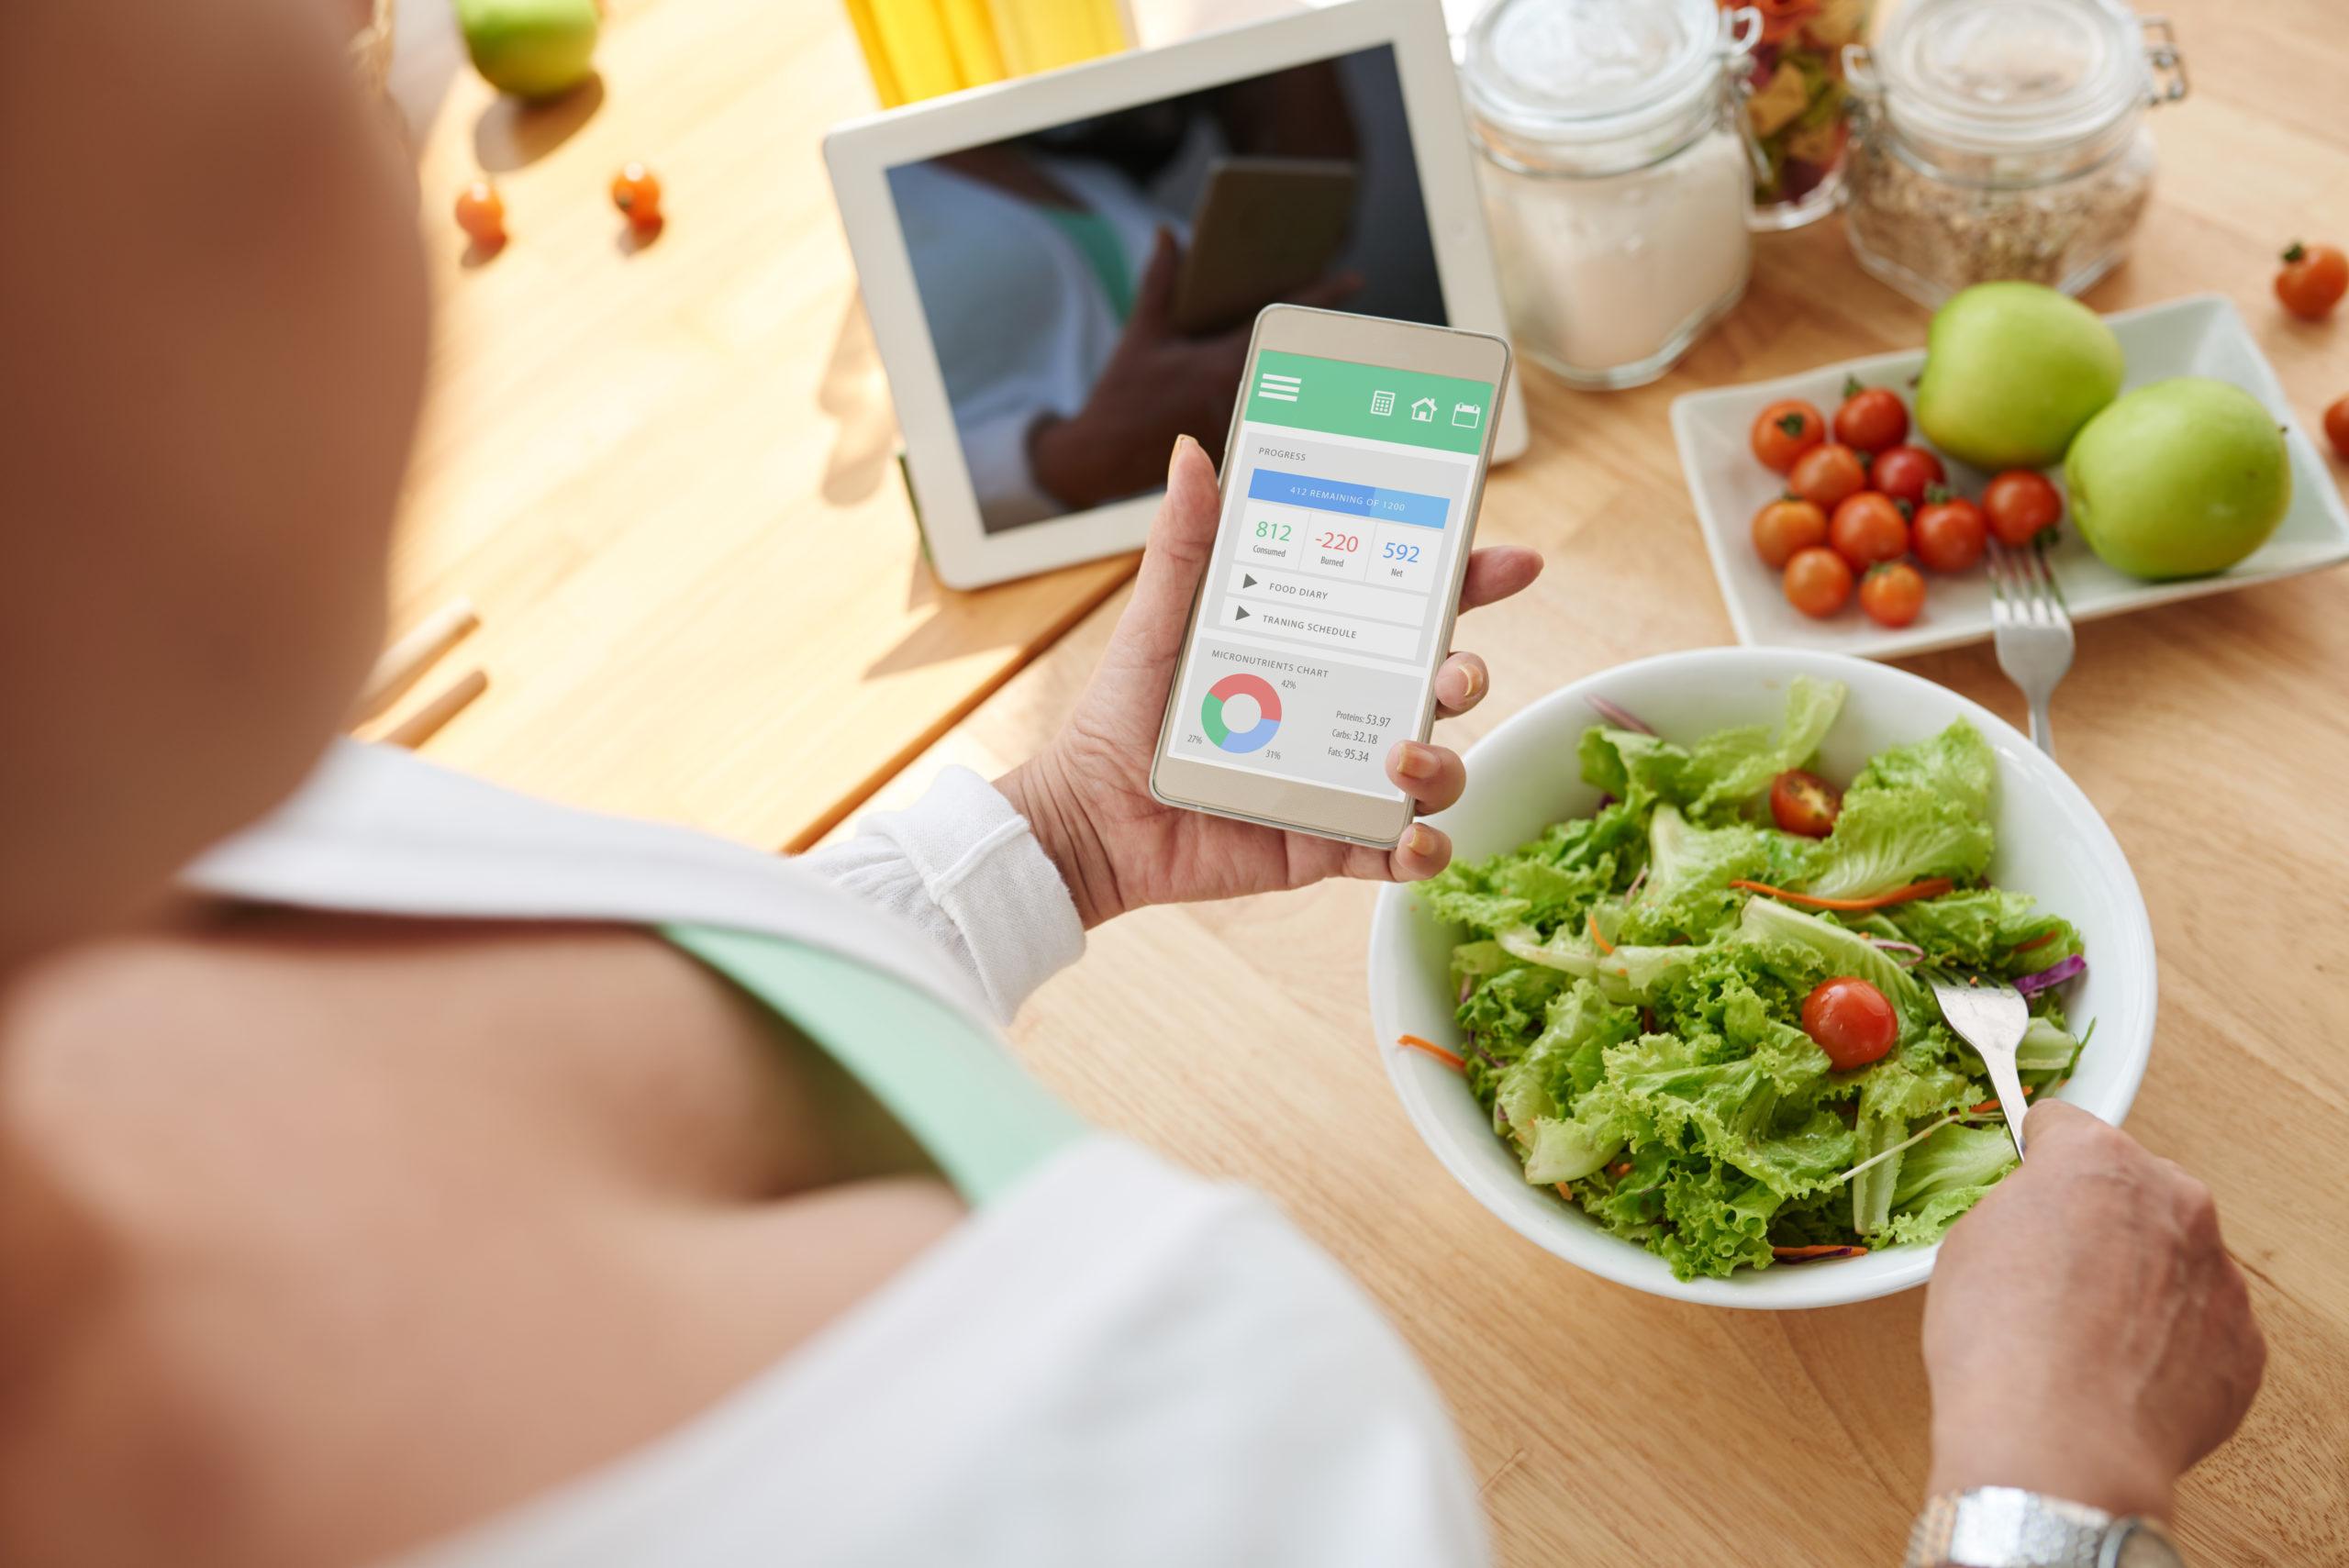 ダイエットでカロリーは関係ない!?減量が停滞する理由と打破する方法を解説します!